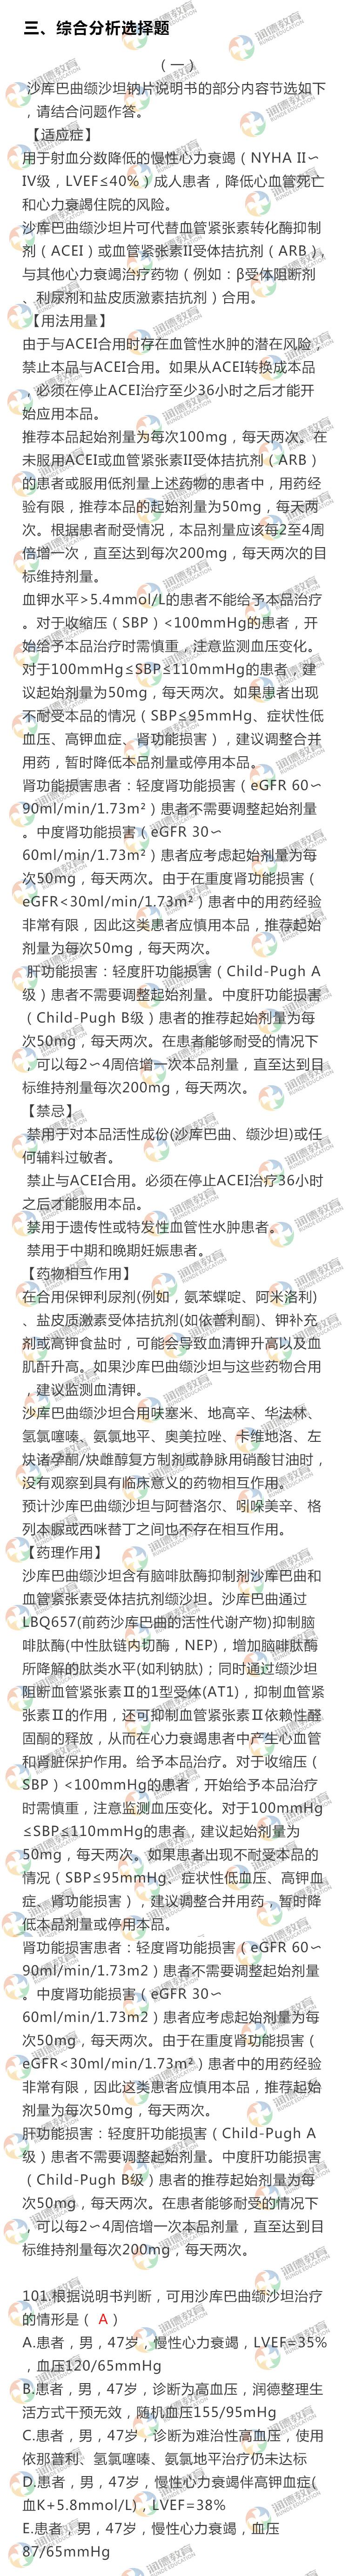 执业药师西药二81-90.jpg